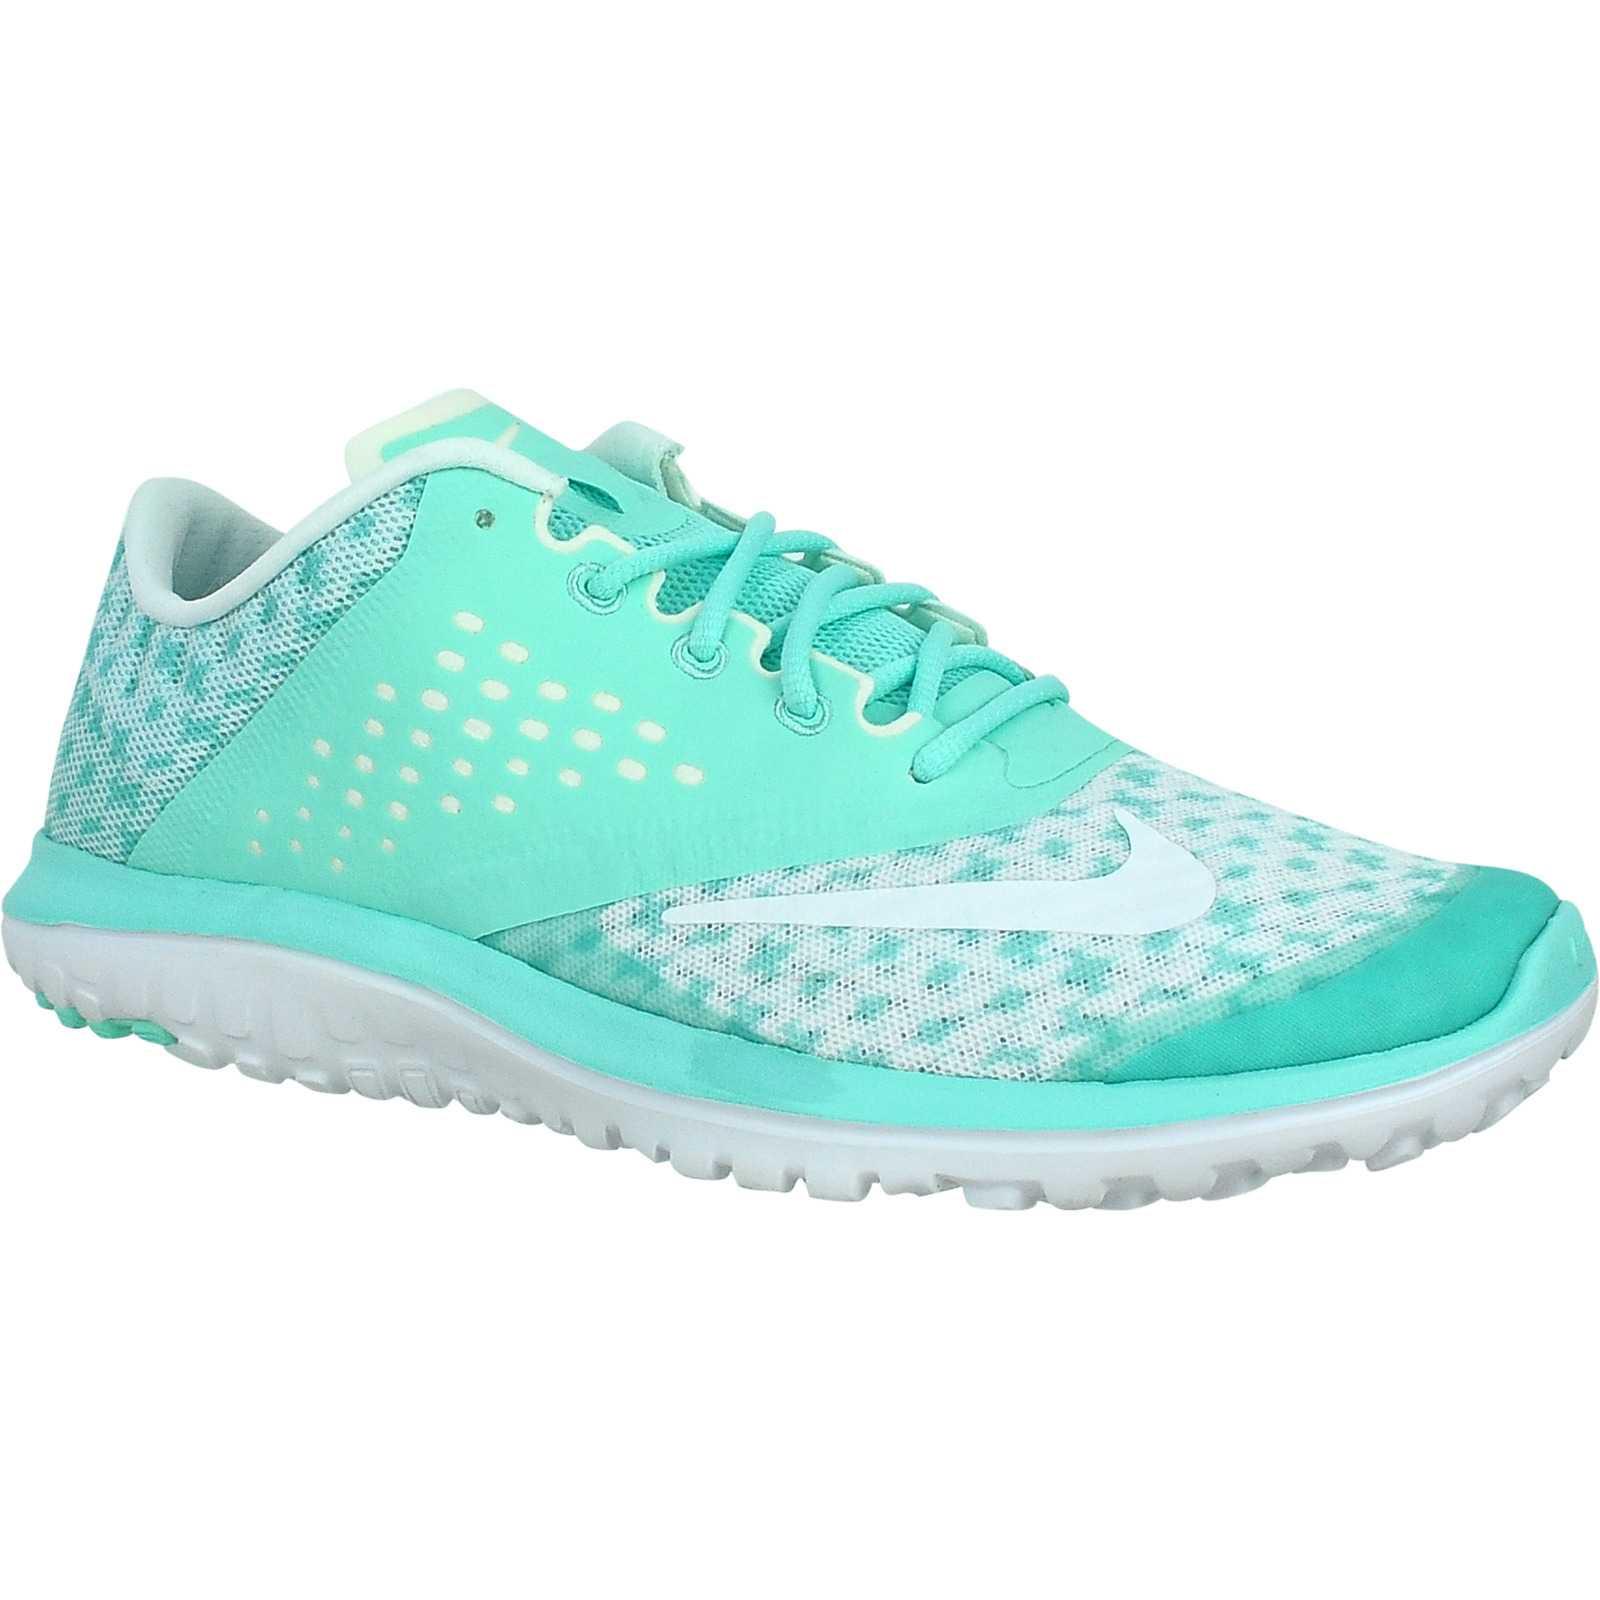 Pantofi sport femei Nike Fs Lite Run 2 Prem 704881-302